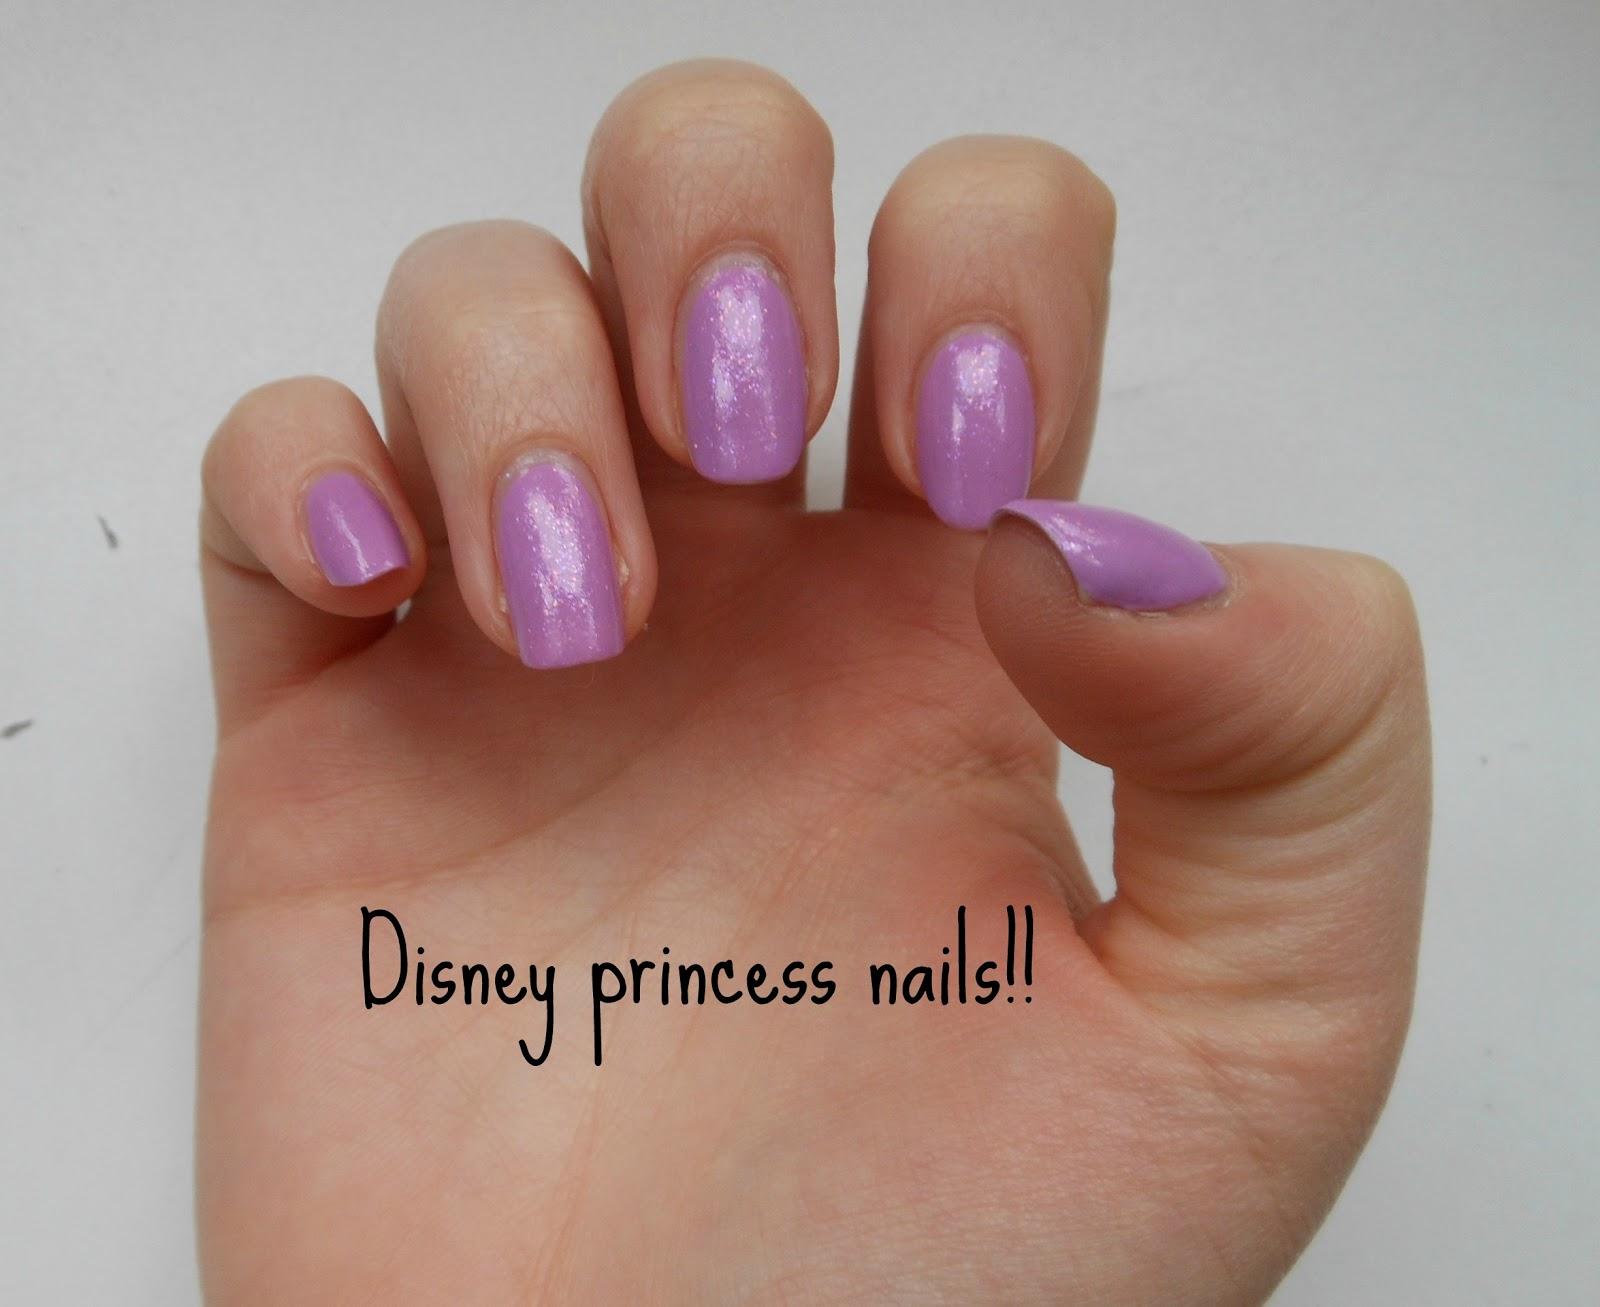 Disney princess nails! - AlbertineSarah